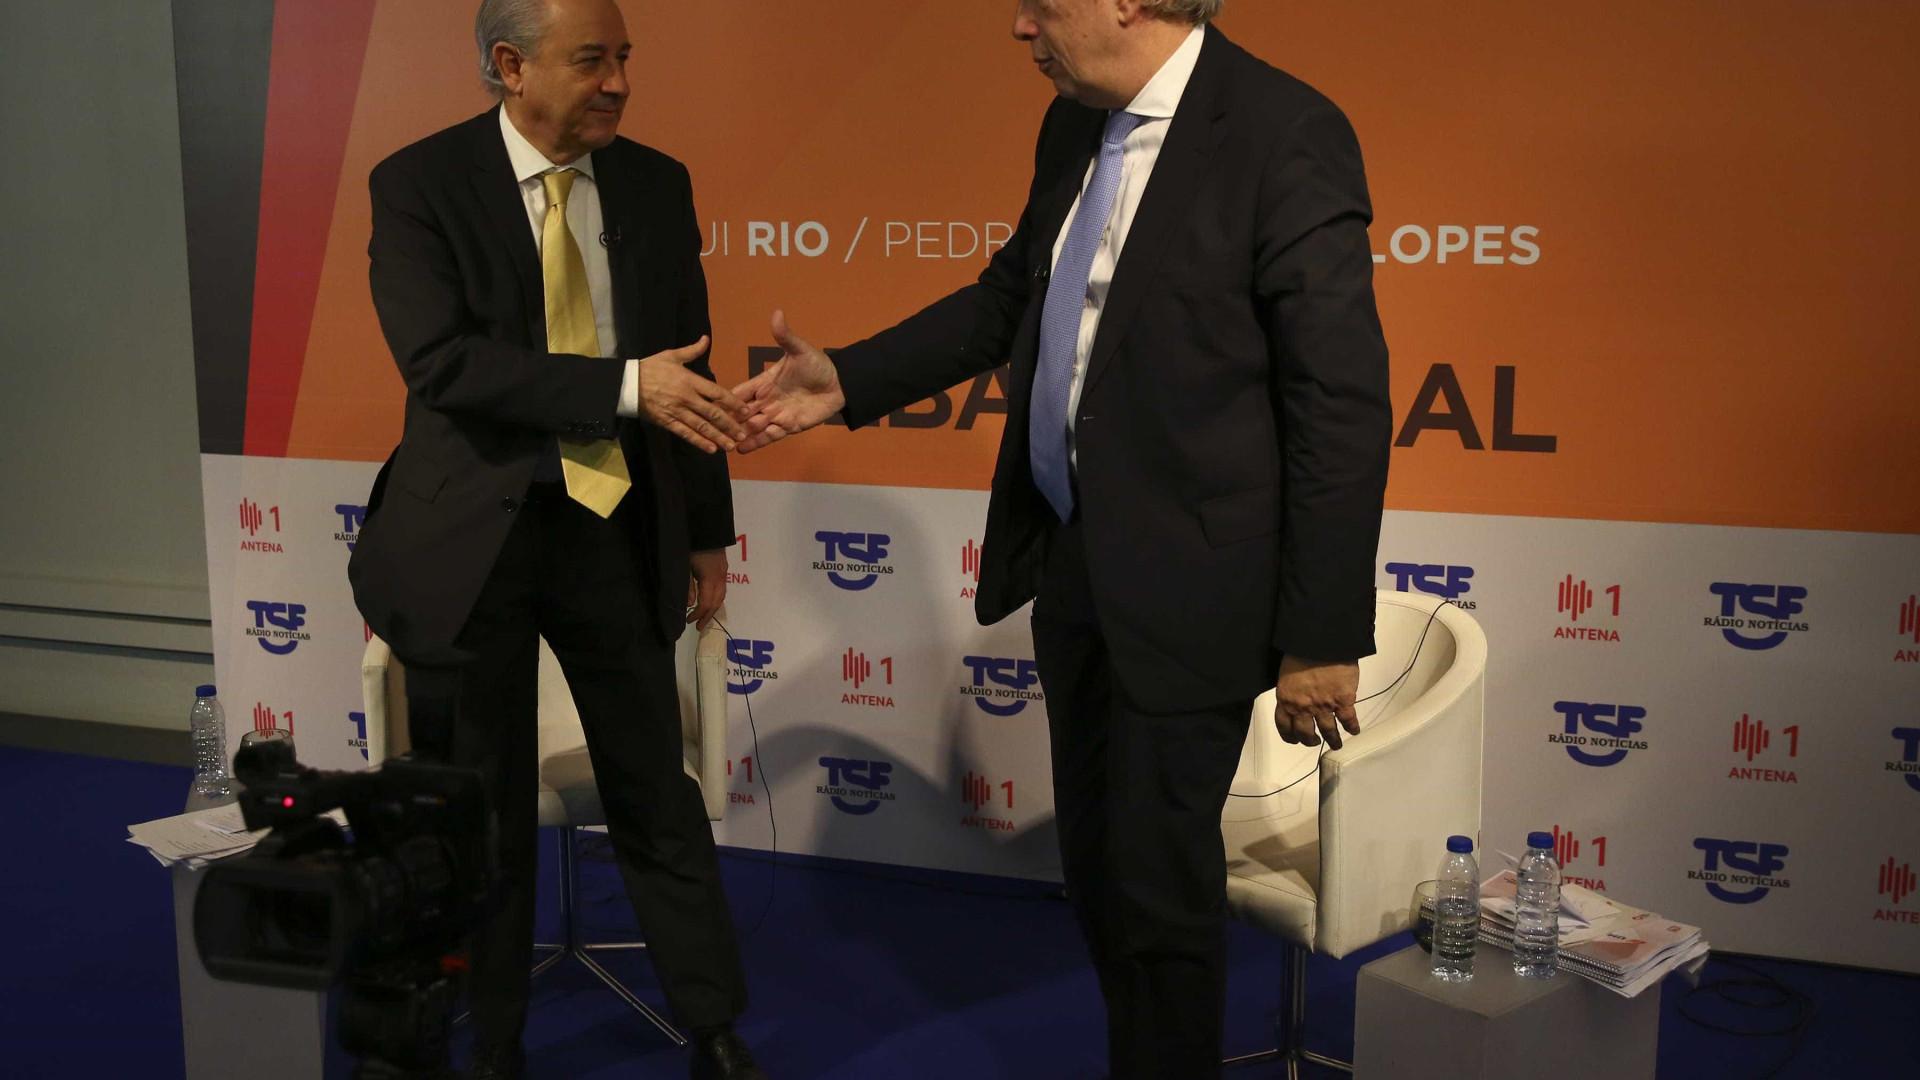 Rio terá convidado Santana para o conselho nacional do PSD